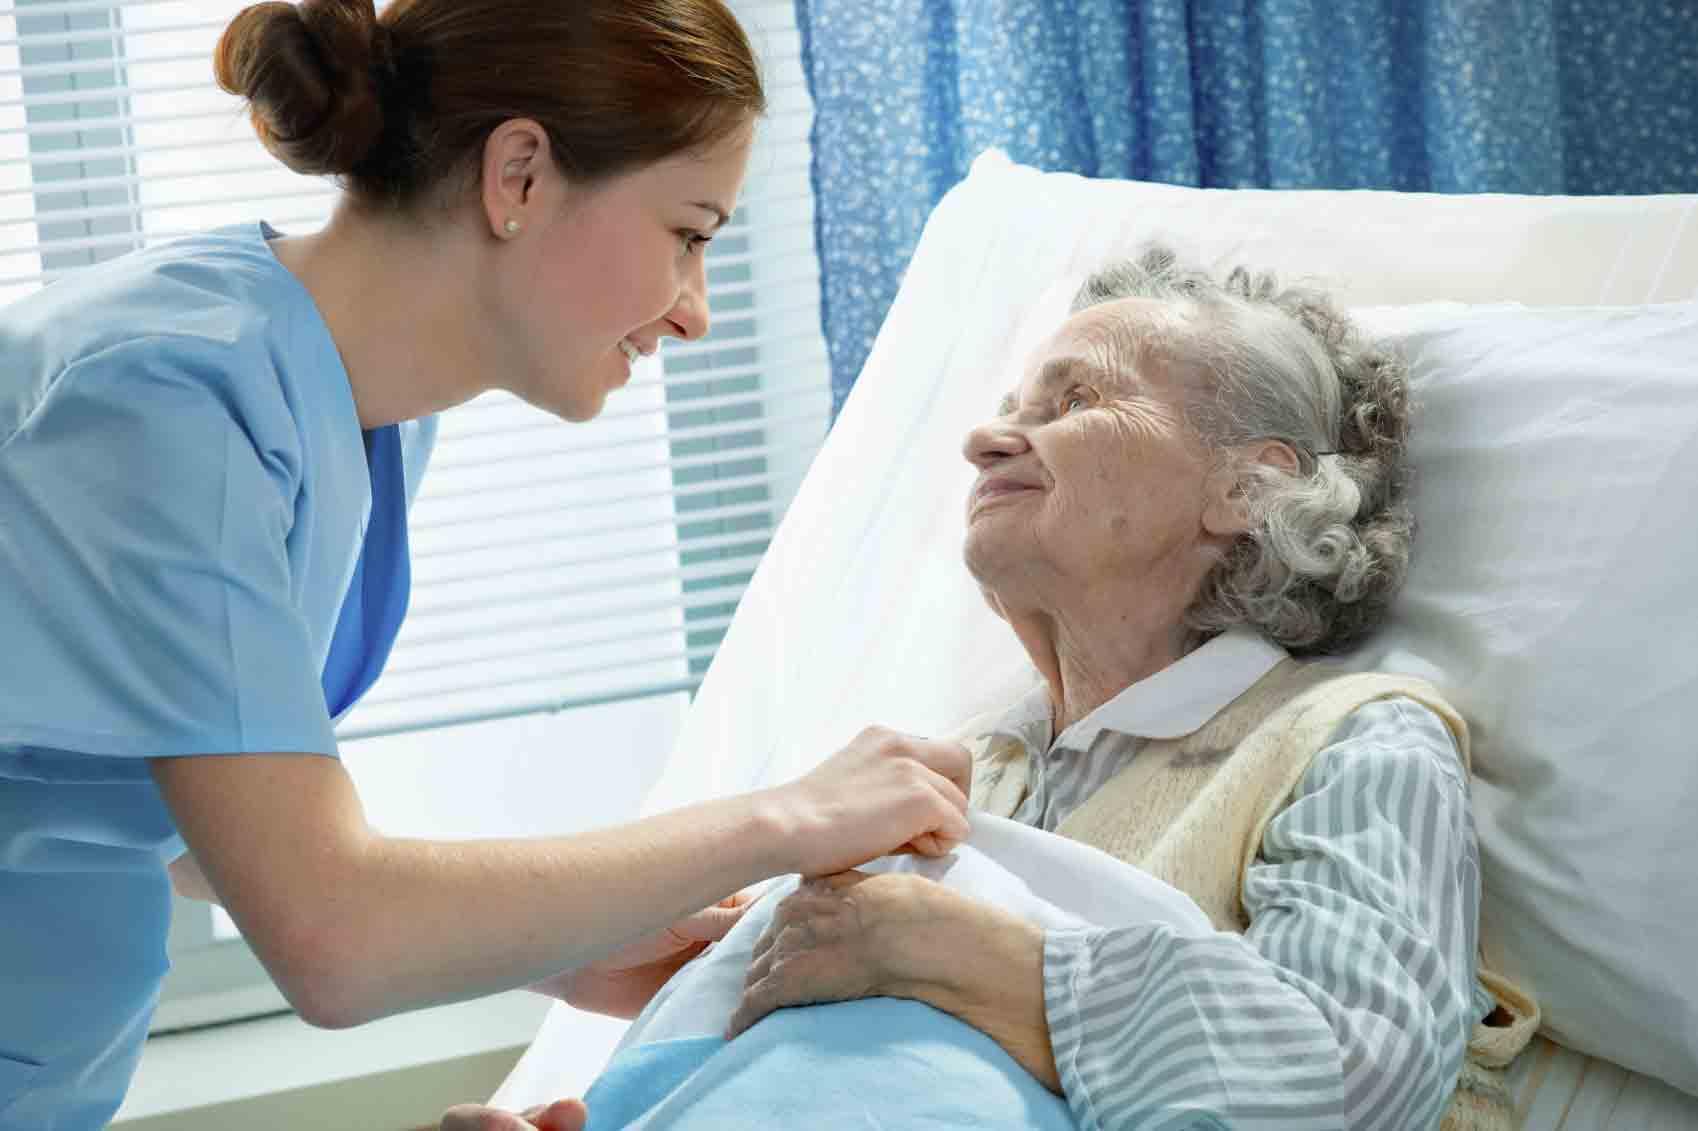 پرستار بیمار در منزل | مرکز پارسیان مهرپرور